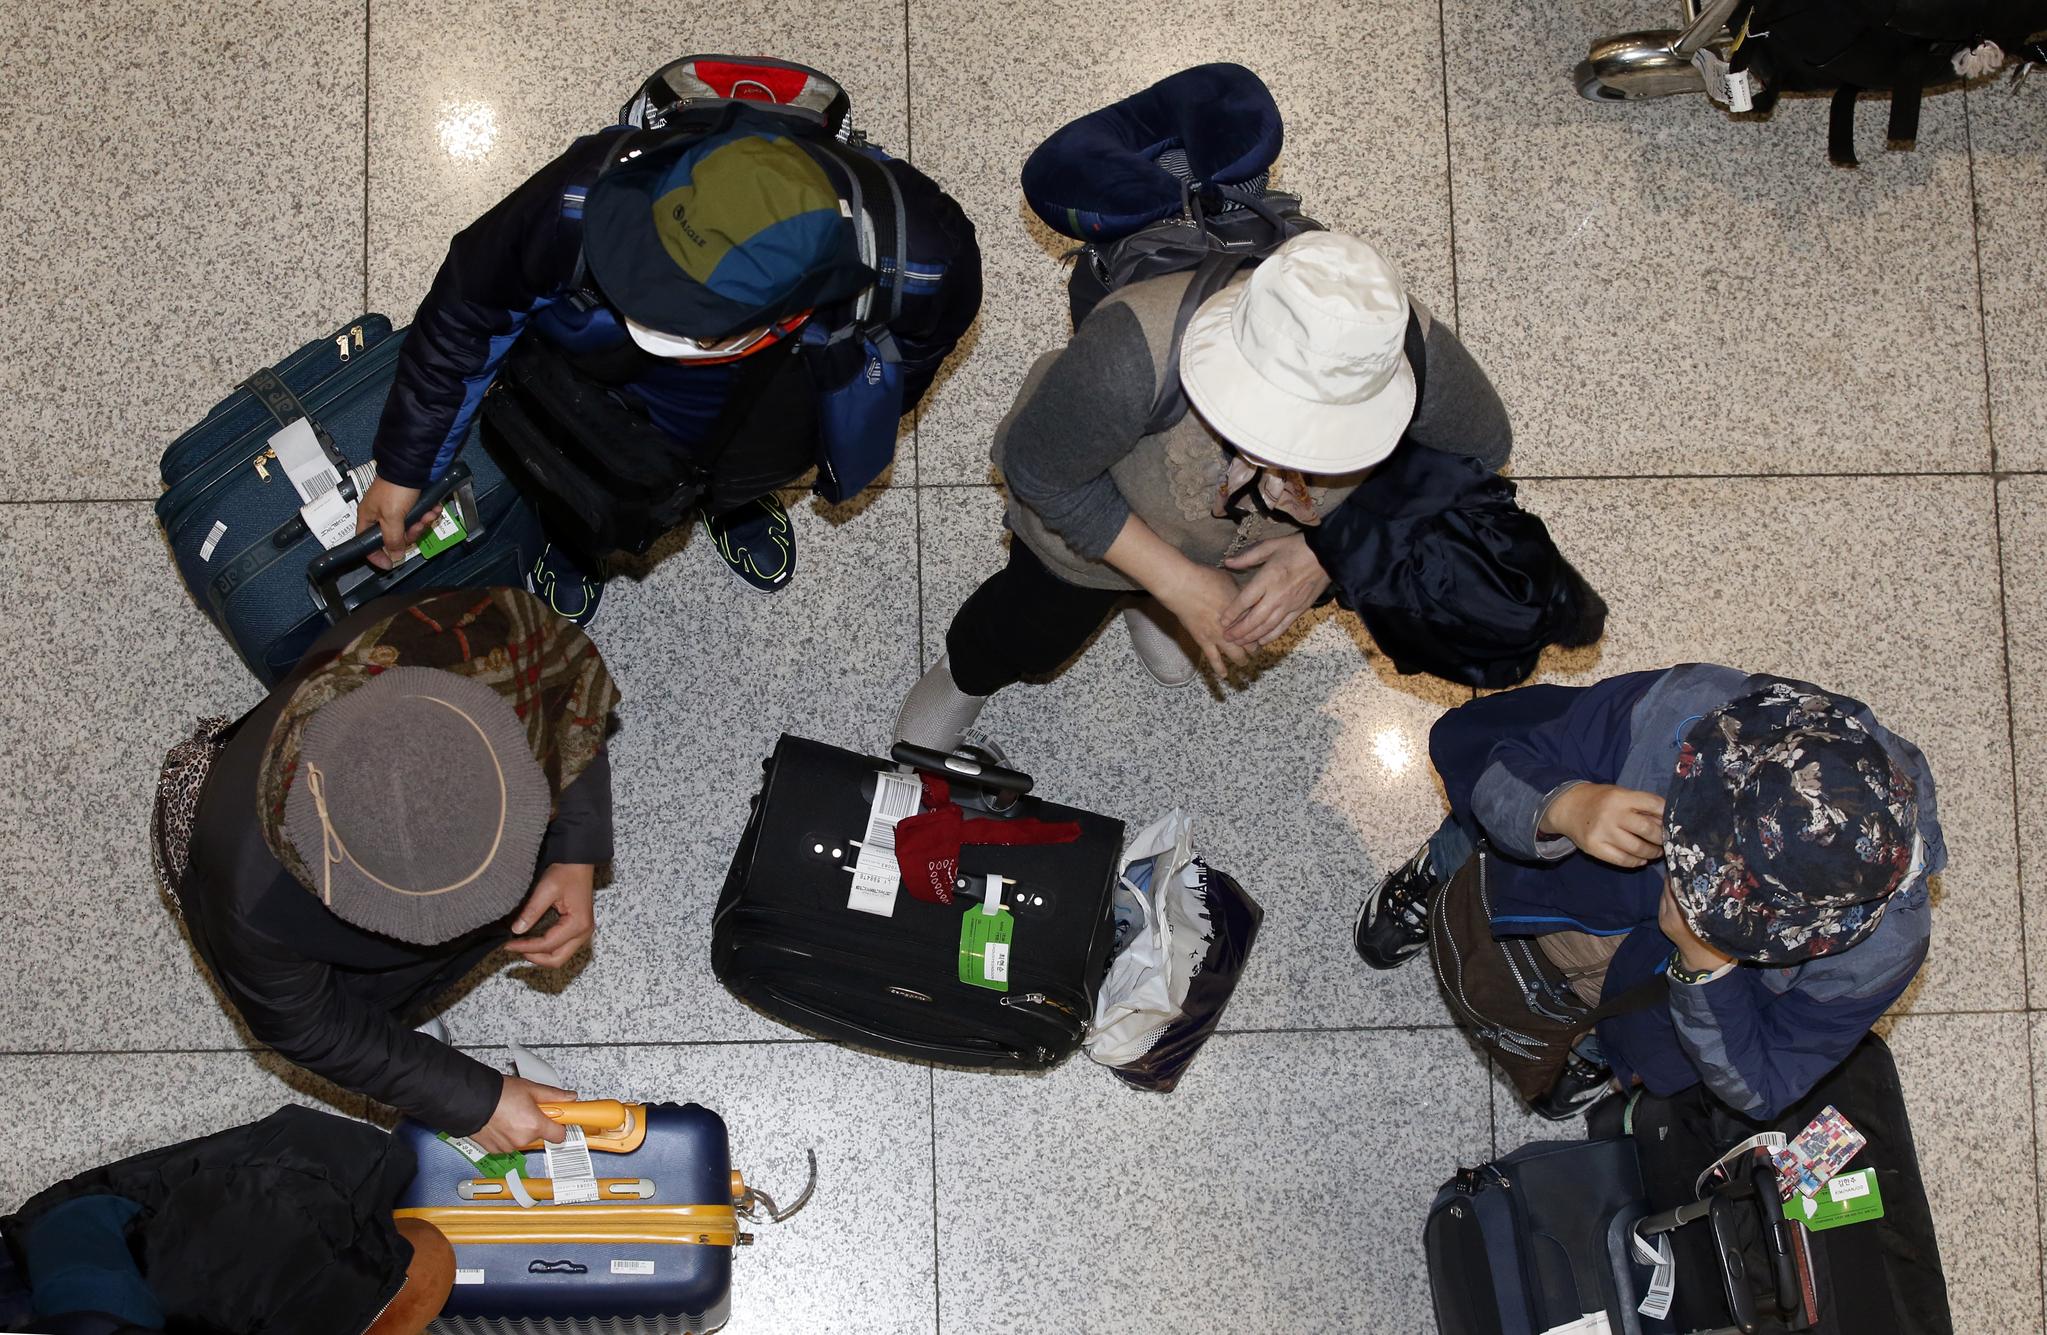 이스라엘에서 조기 귀국한 한국인 관광객이 25일 오전 인천국제공항을 통해 입국해 일행들과 이야기를 나누고 있다. 변선구 기자